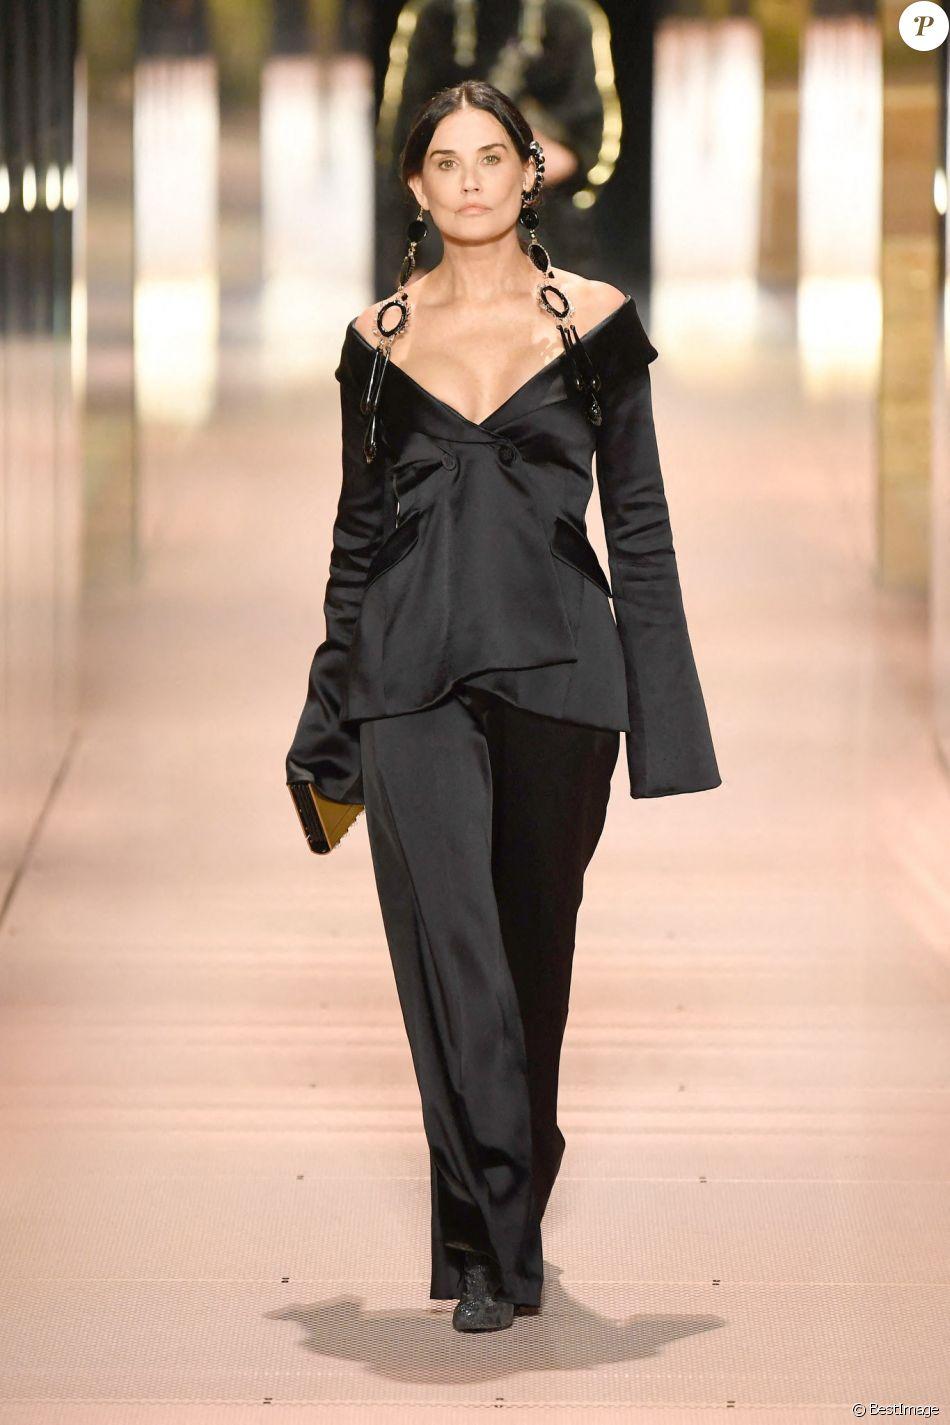 Demi Moore - Défilé Haute Couture Fendi collection printemps / été 2021 à Paris le 27 janvier 2021.